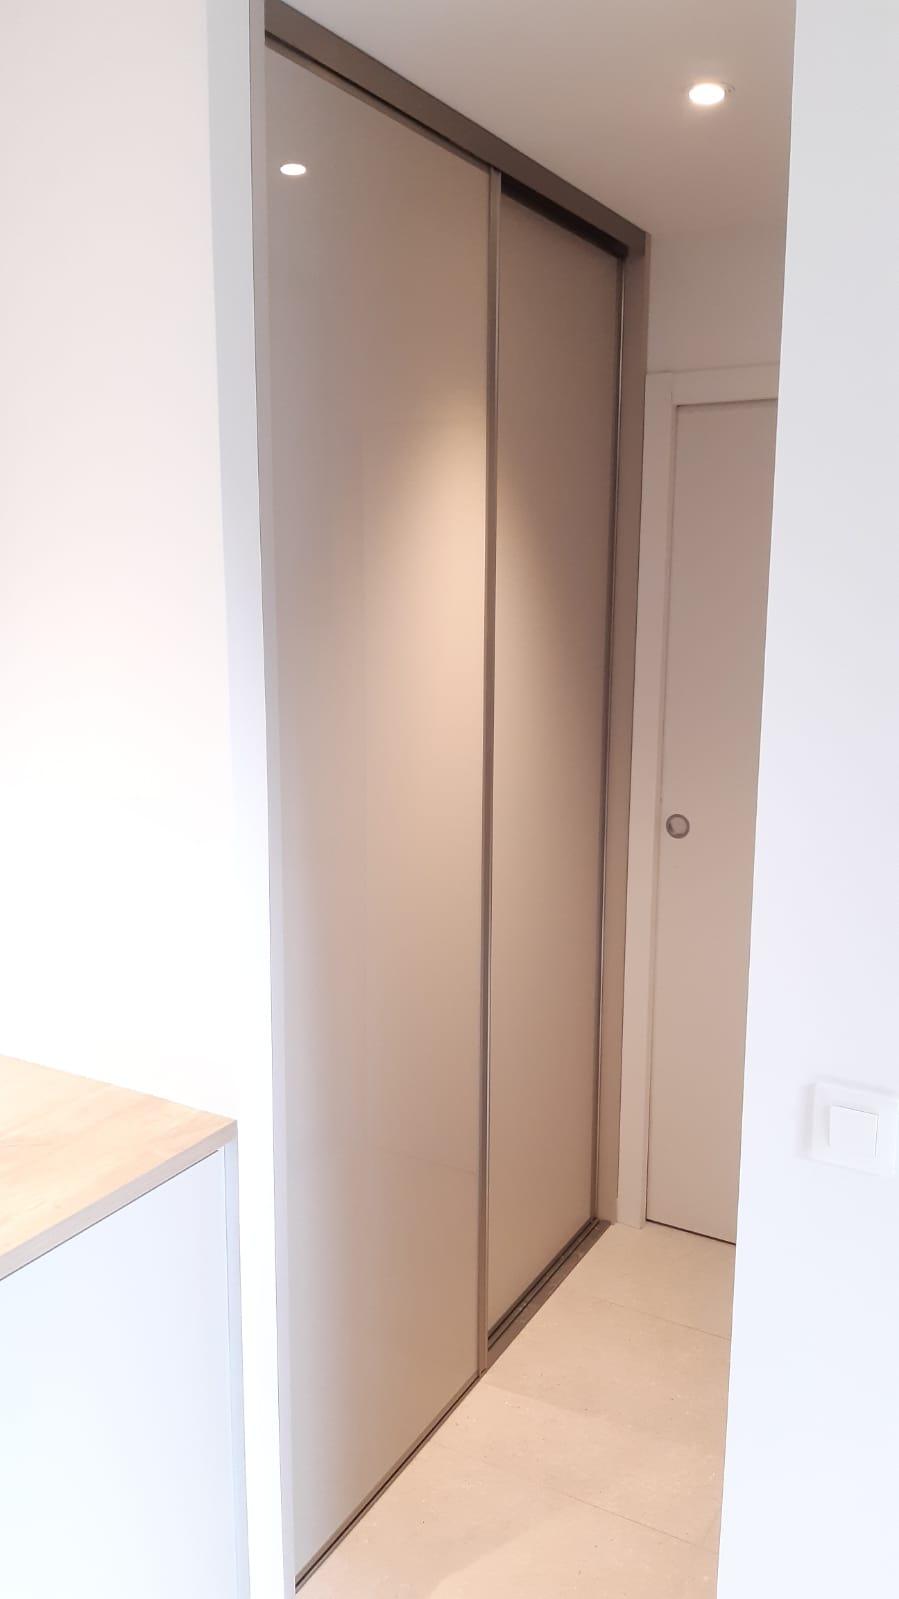 Voici une armoire avec les portes fermées.